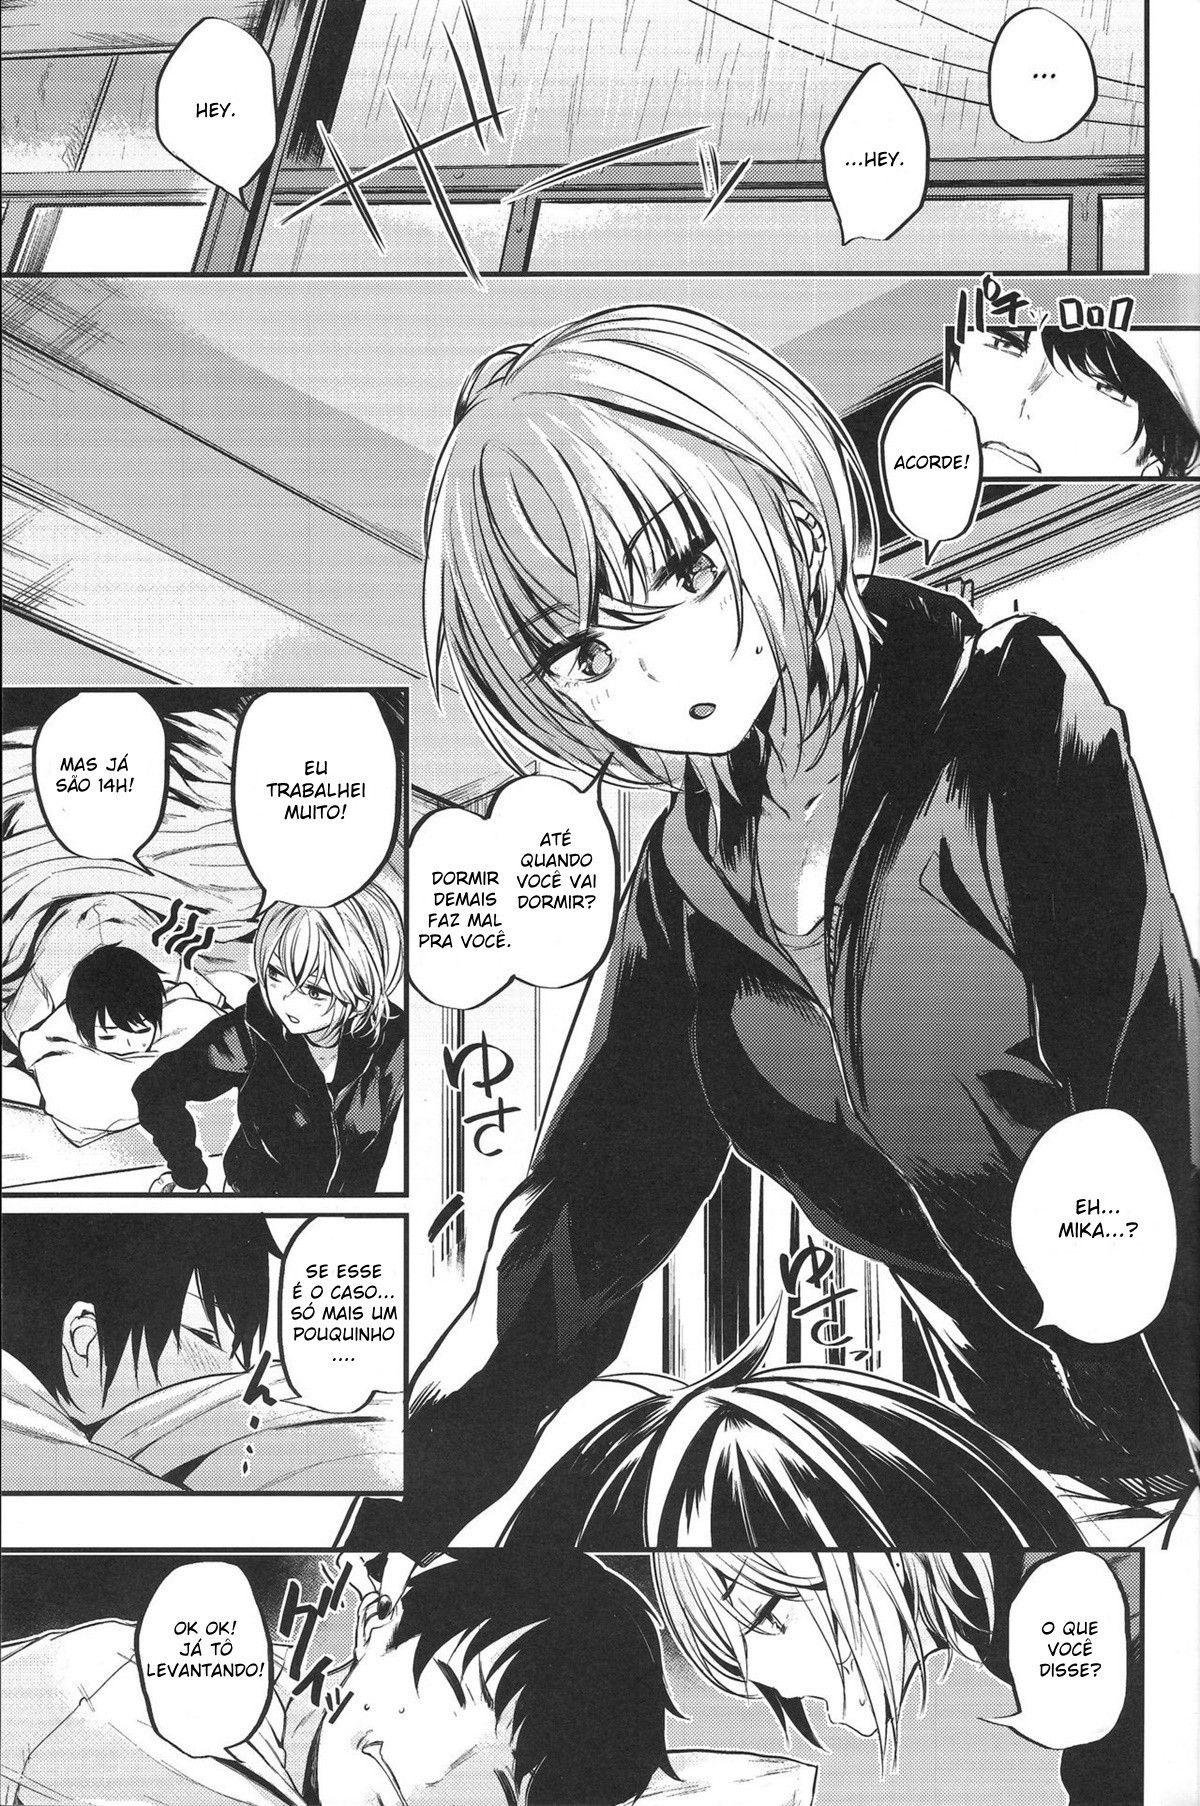 Sukoshi Furyouppoi Onnanoko to Kyuujitsu ni Ie de Daradara Shitai Hon